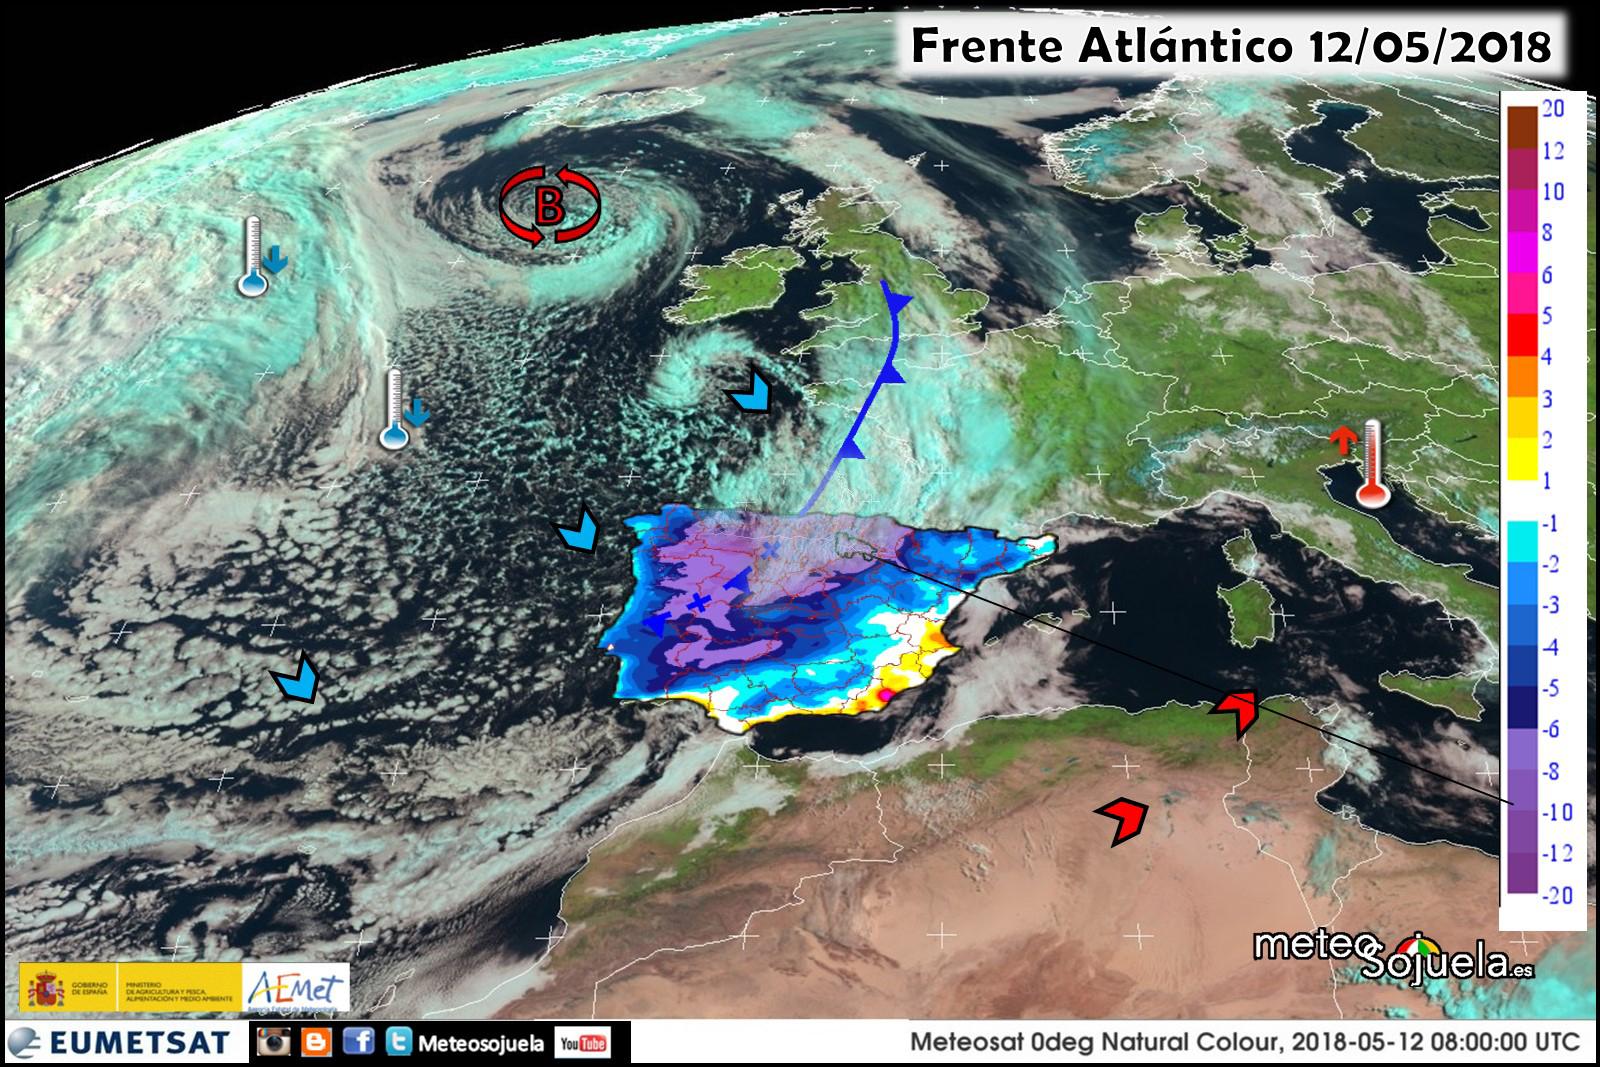 Imágen de satélite de frentes y borrascas. Meteosojuela